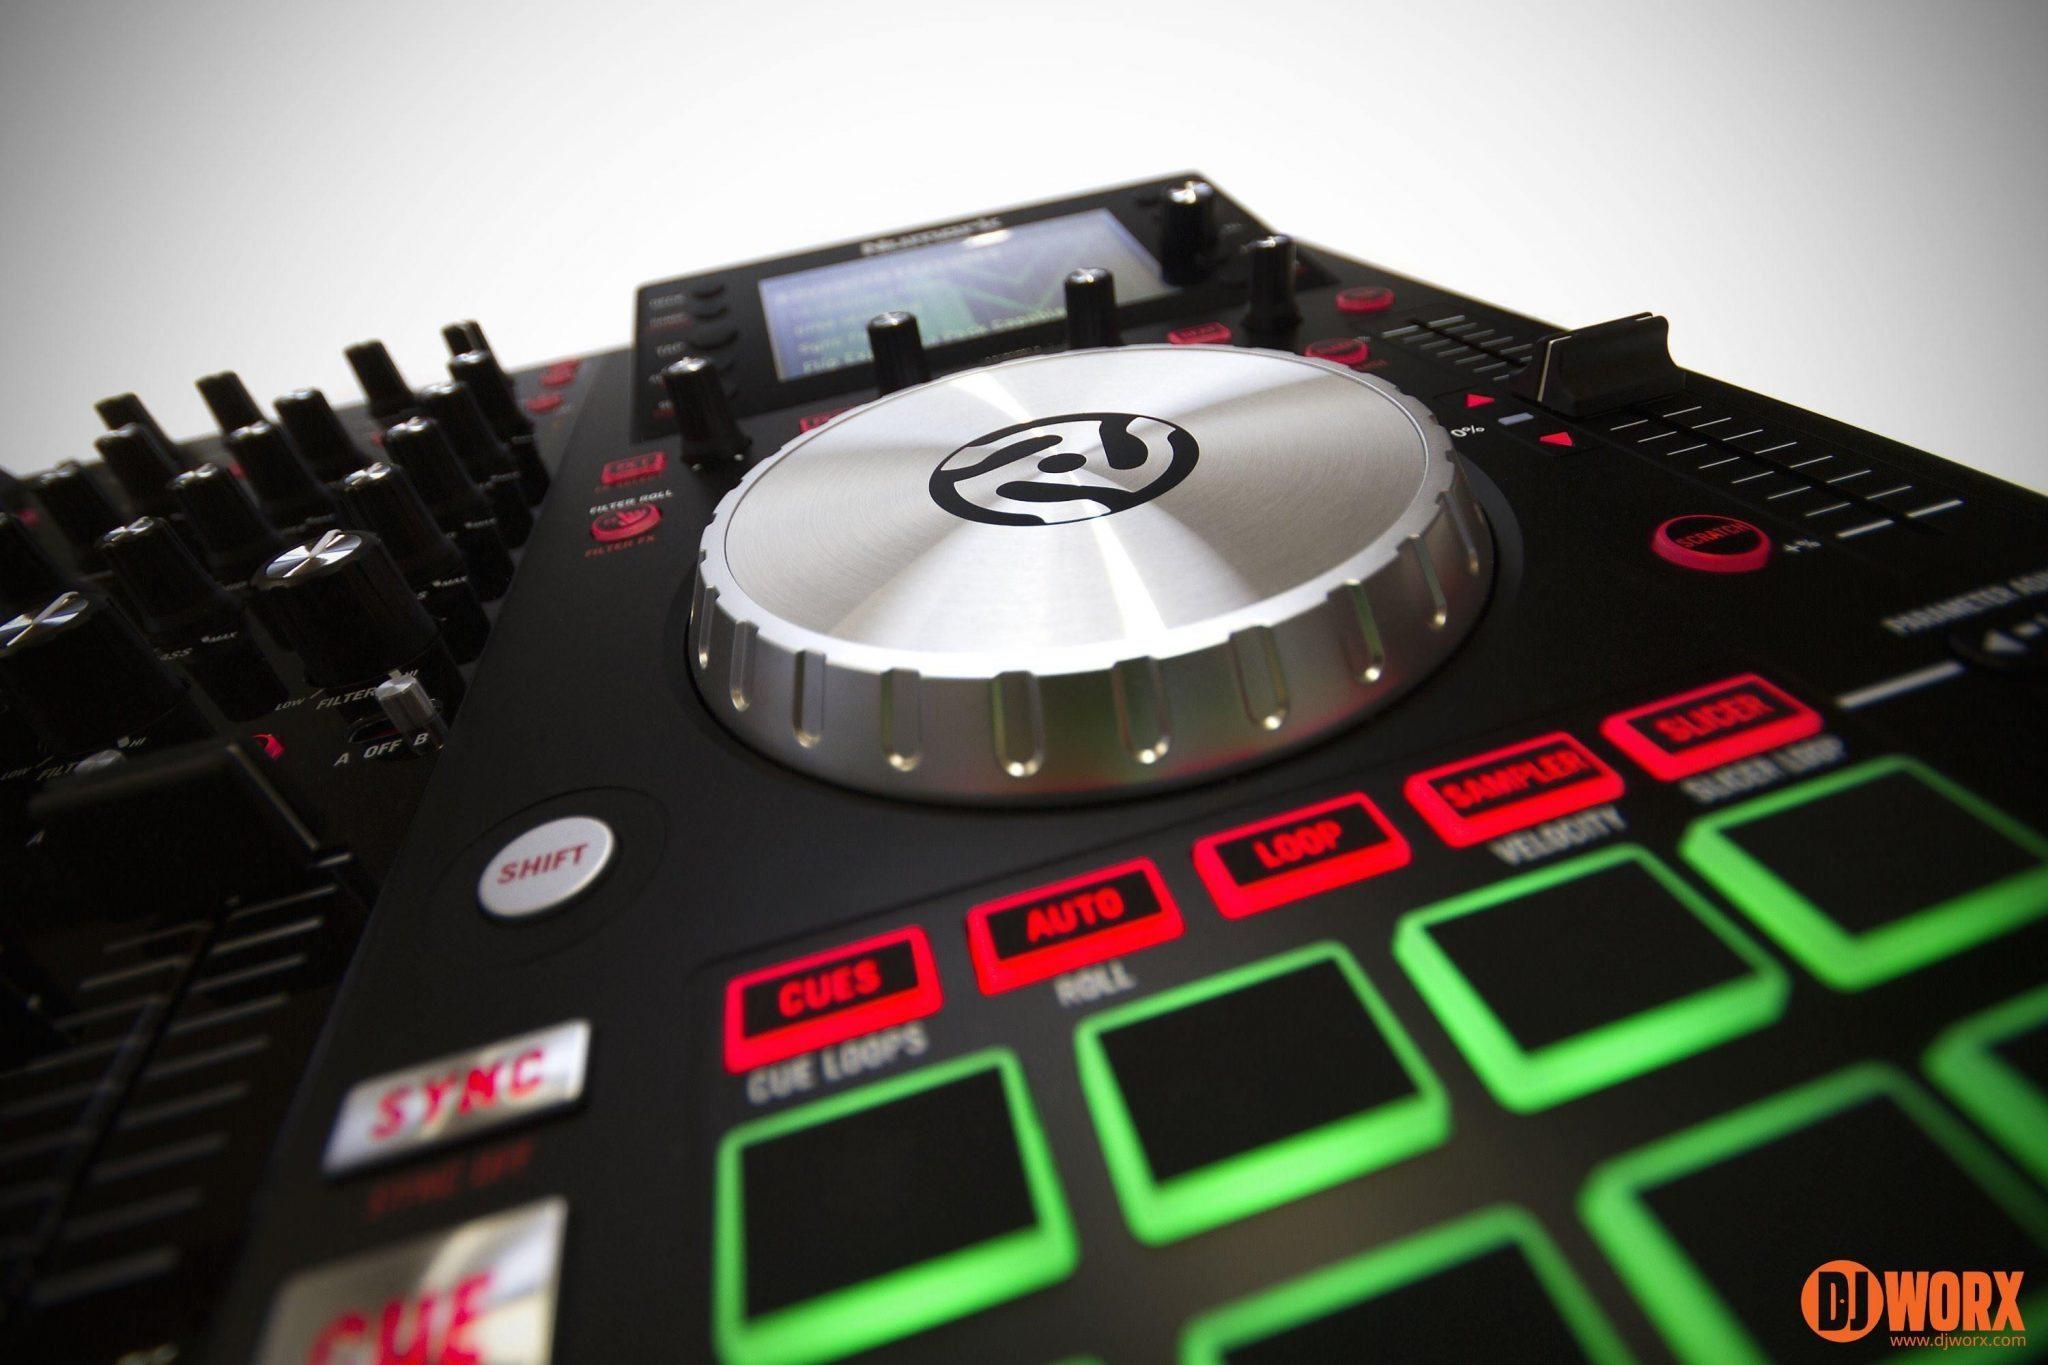 Numark NV Serato DJ controller review (22)